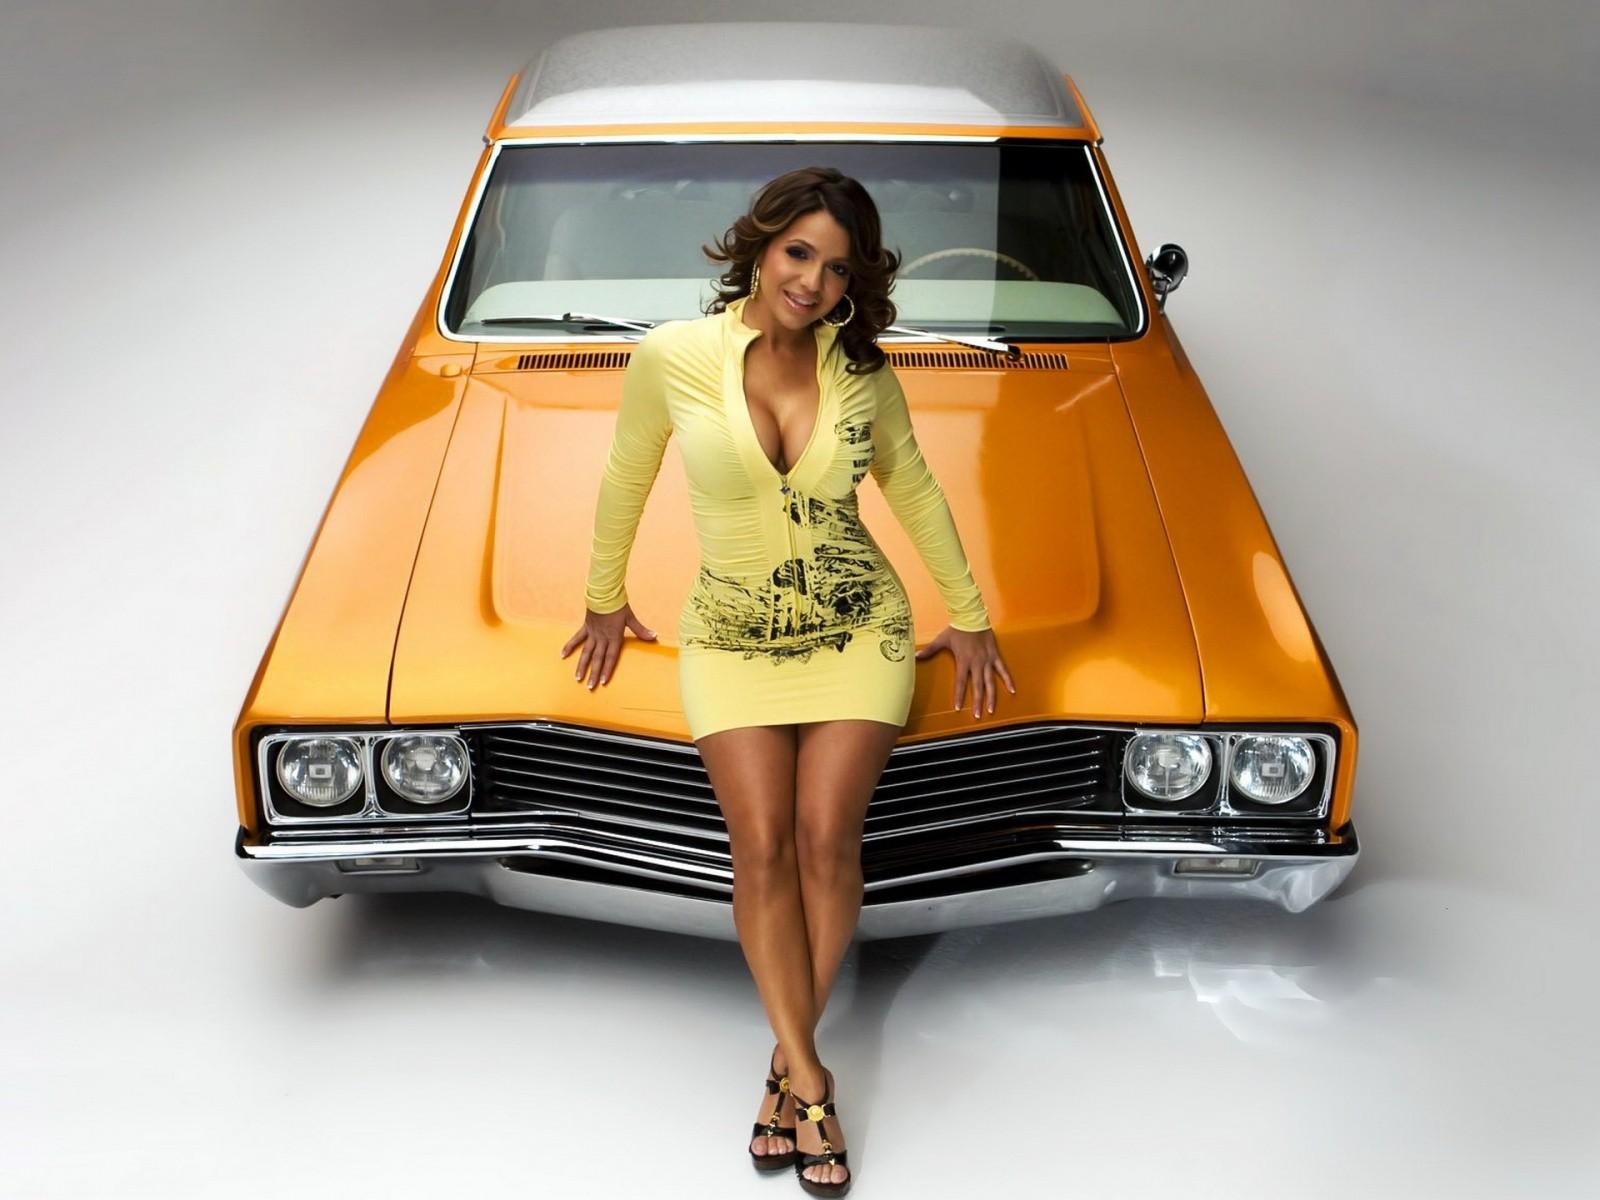 http://2.bp.blogspot.com/-Cv6KQgDeOLc/ToX6uf7HOVI/AAAAAAAAAFY/yUcLtcaKnmc/s1600/hot_car_girl_wallpaper.jpg